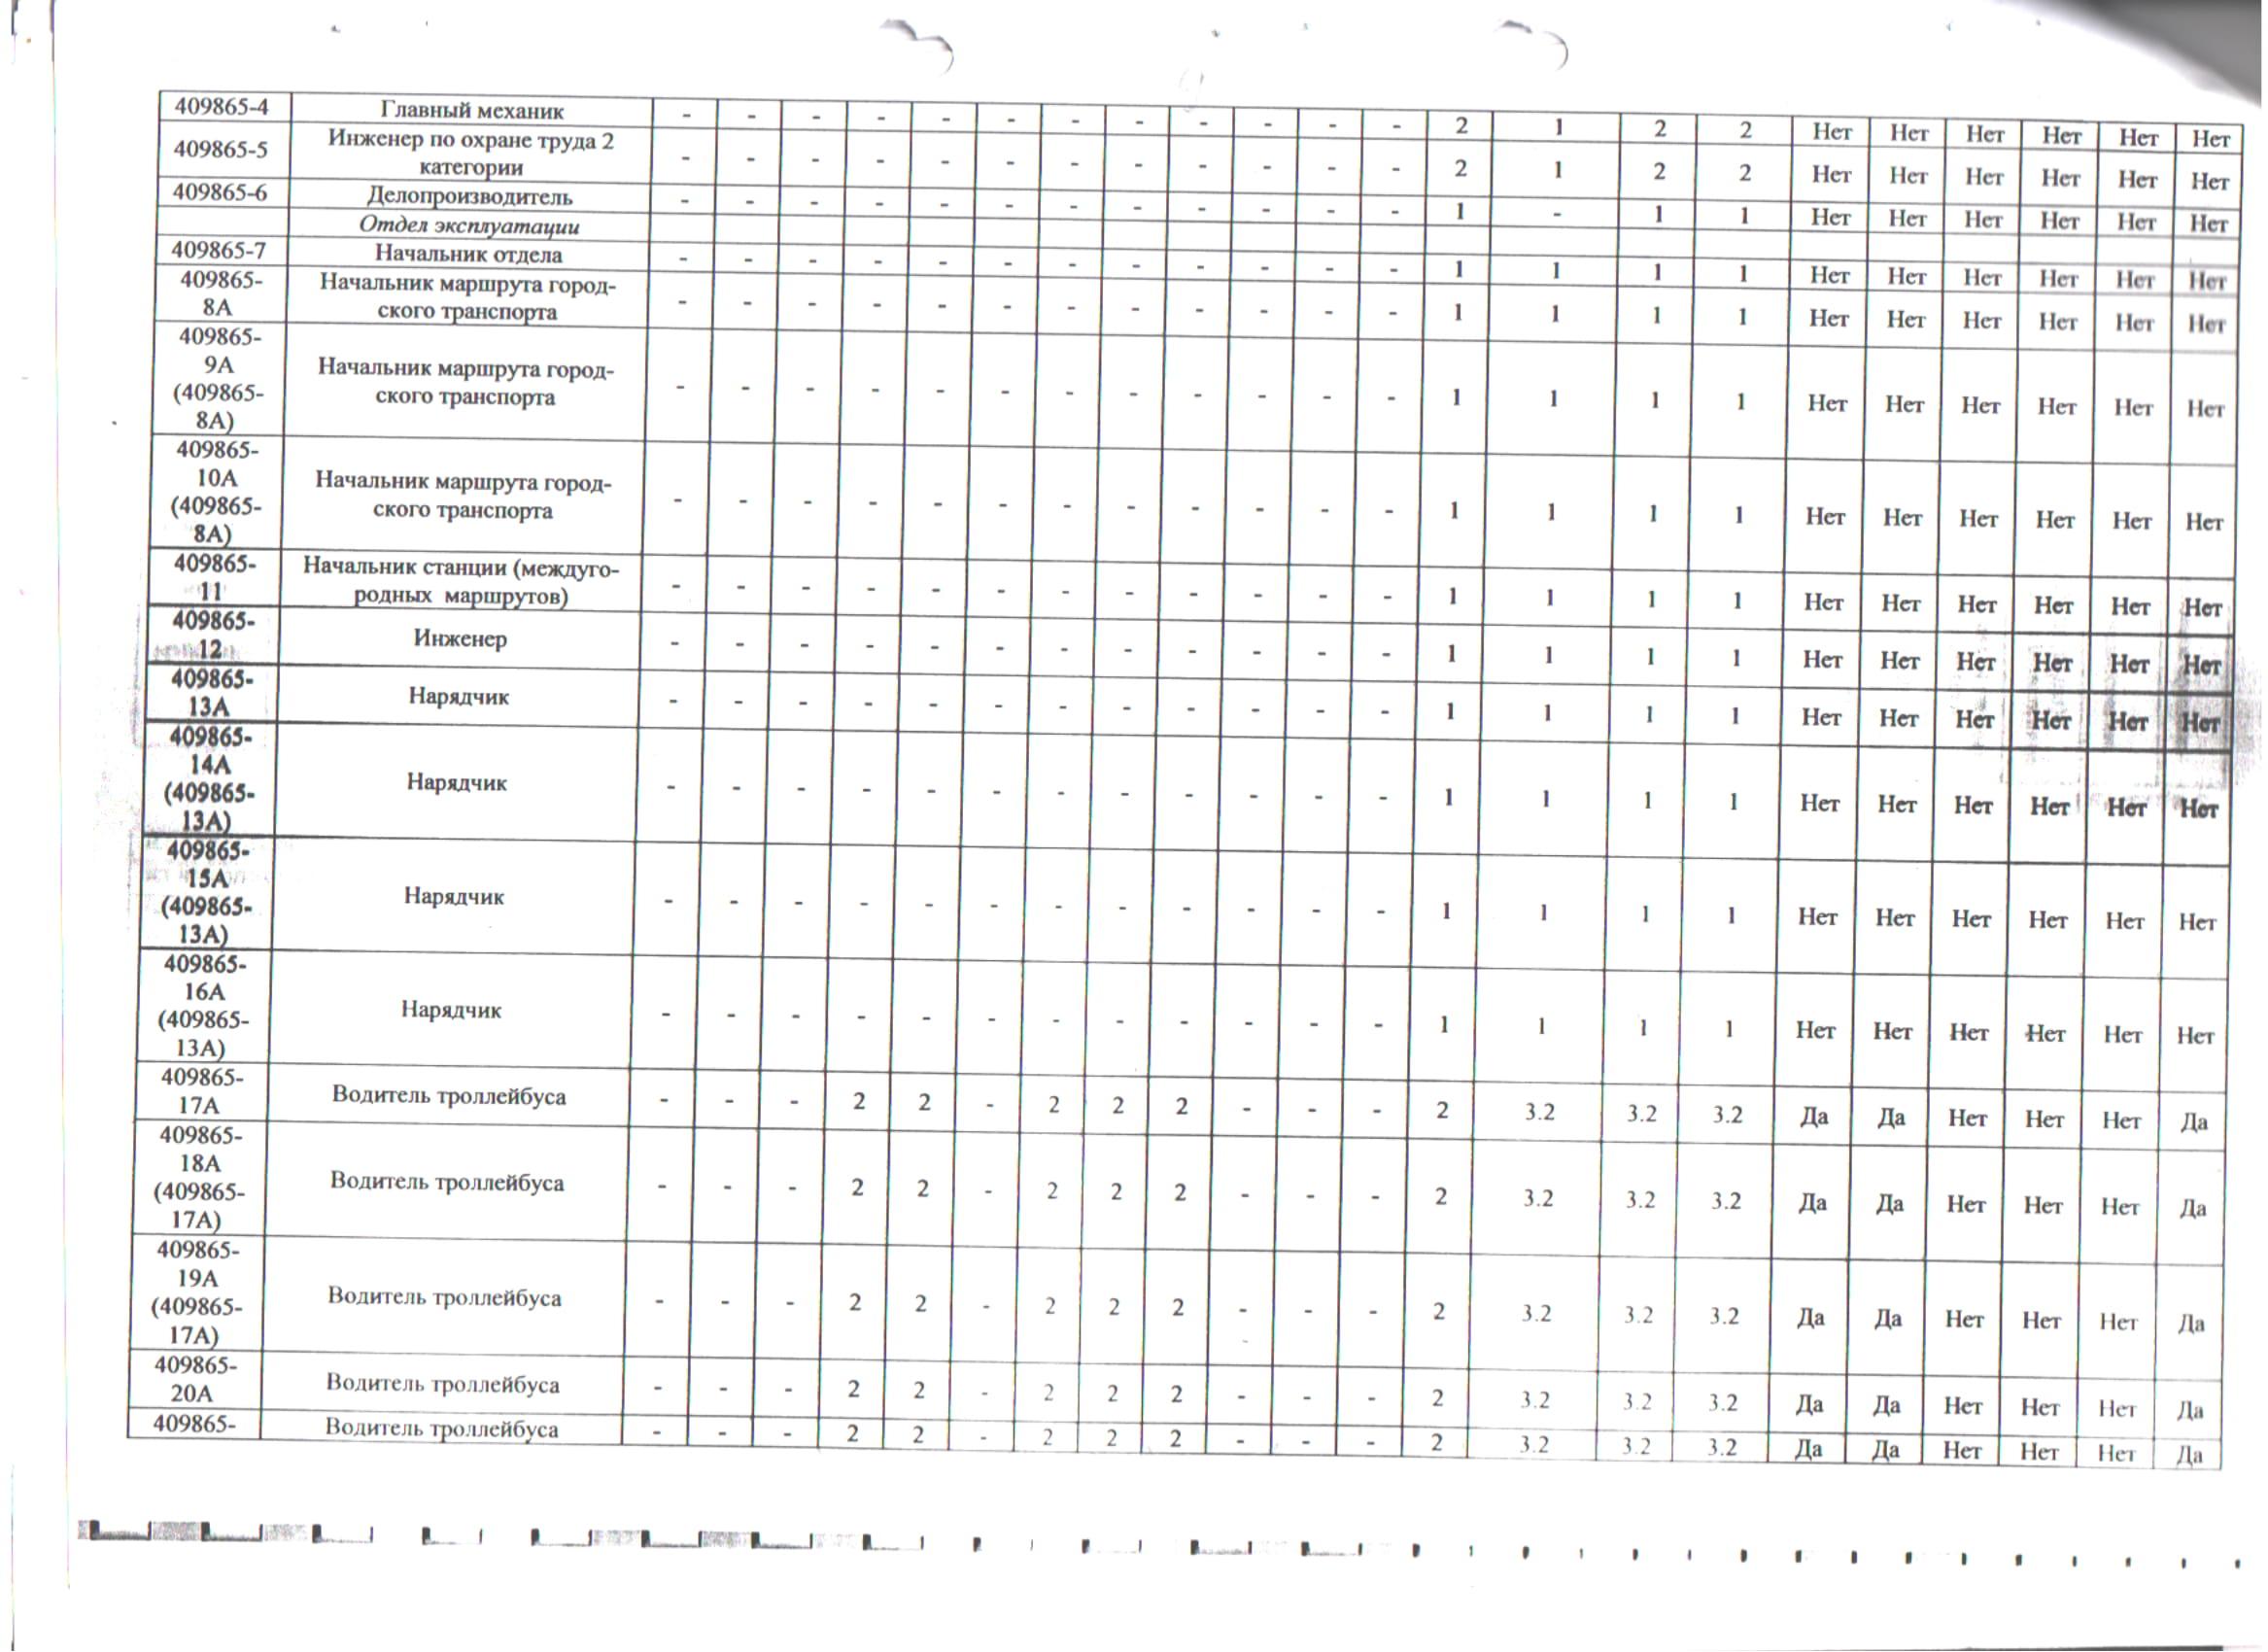 Сводная ведомость СТП (pdf.io)-02